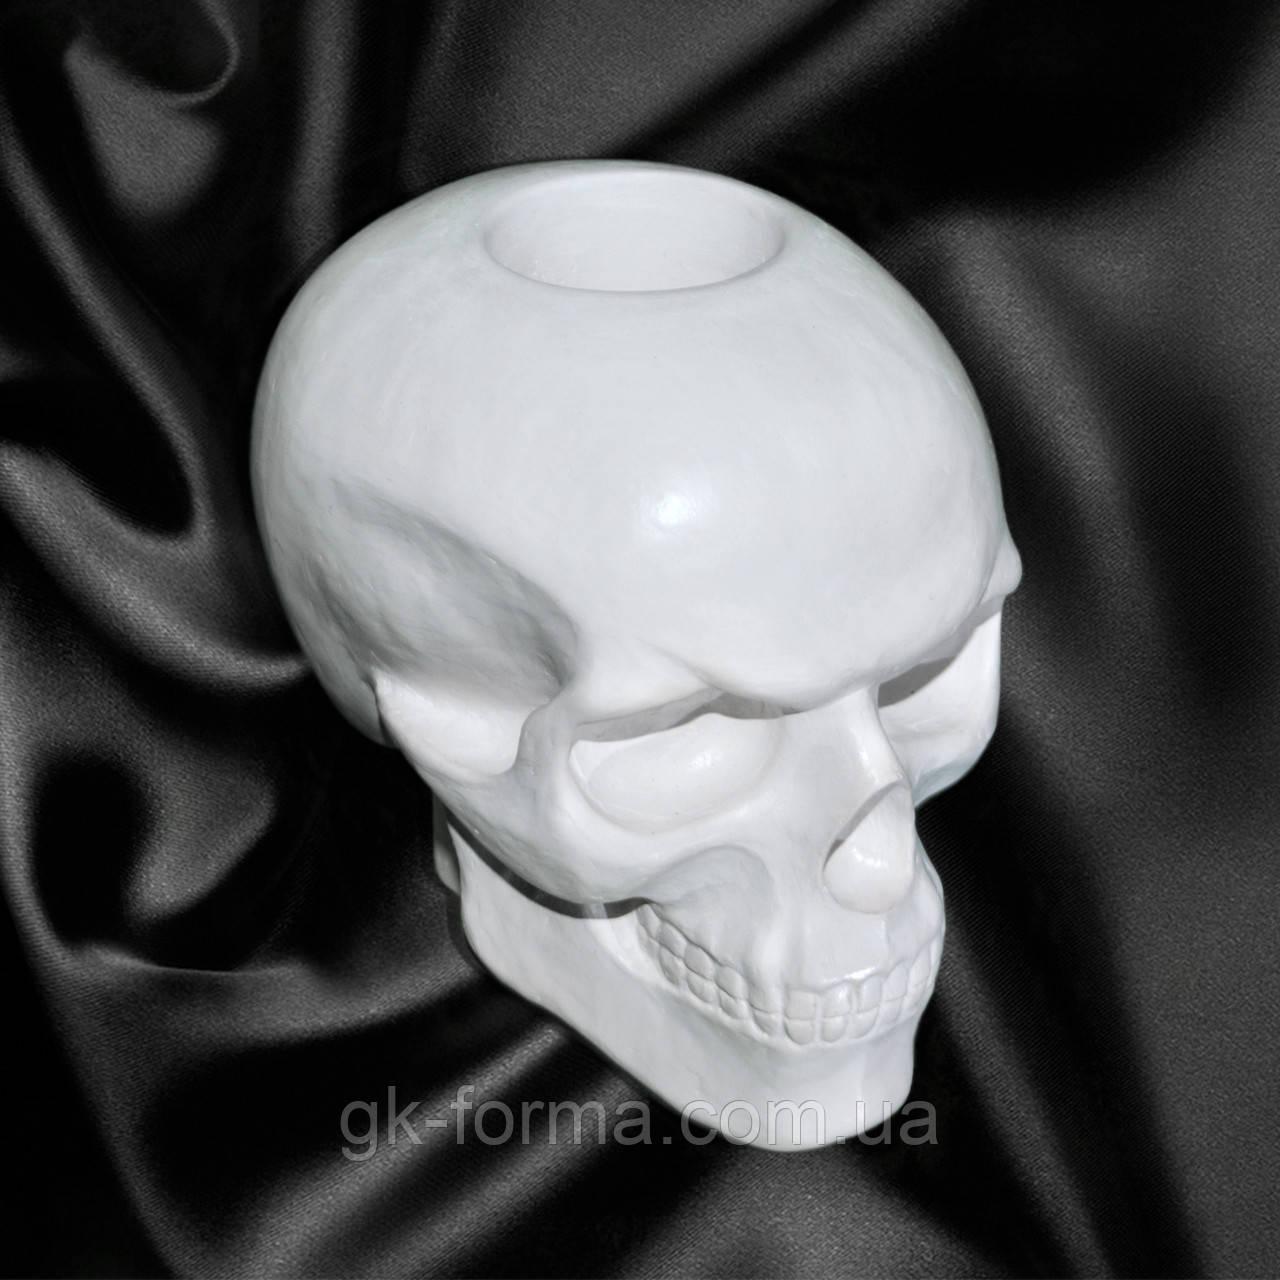 Гипсовый череп для раскрашивания аэрографом или кистью